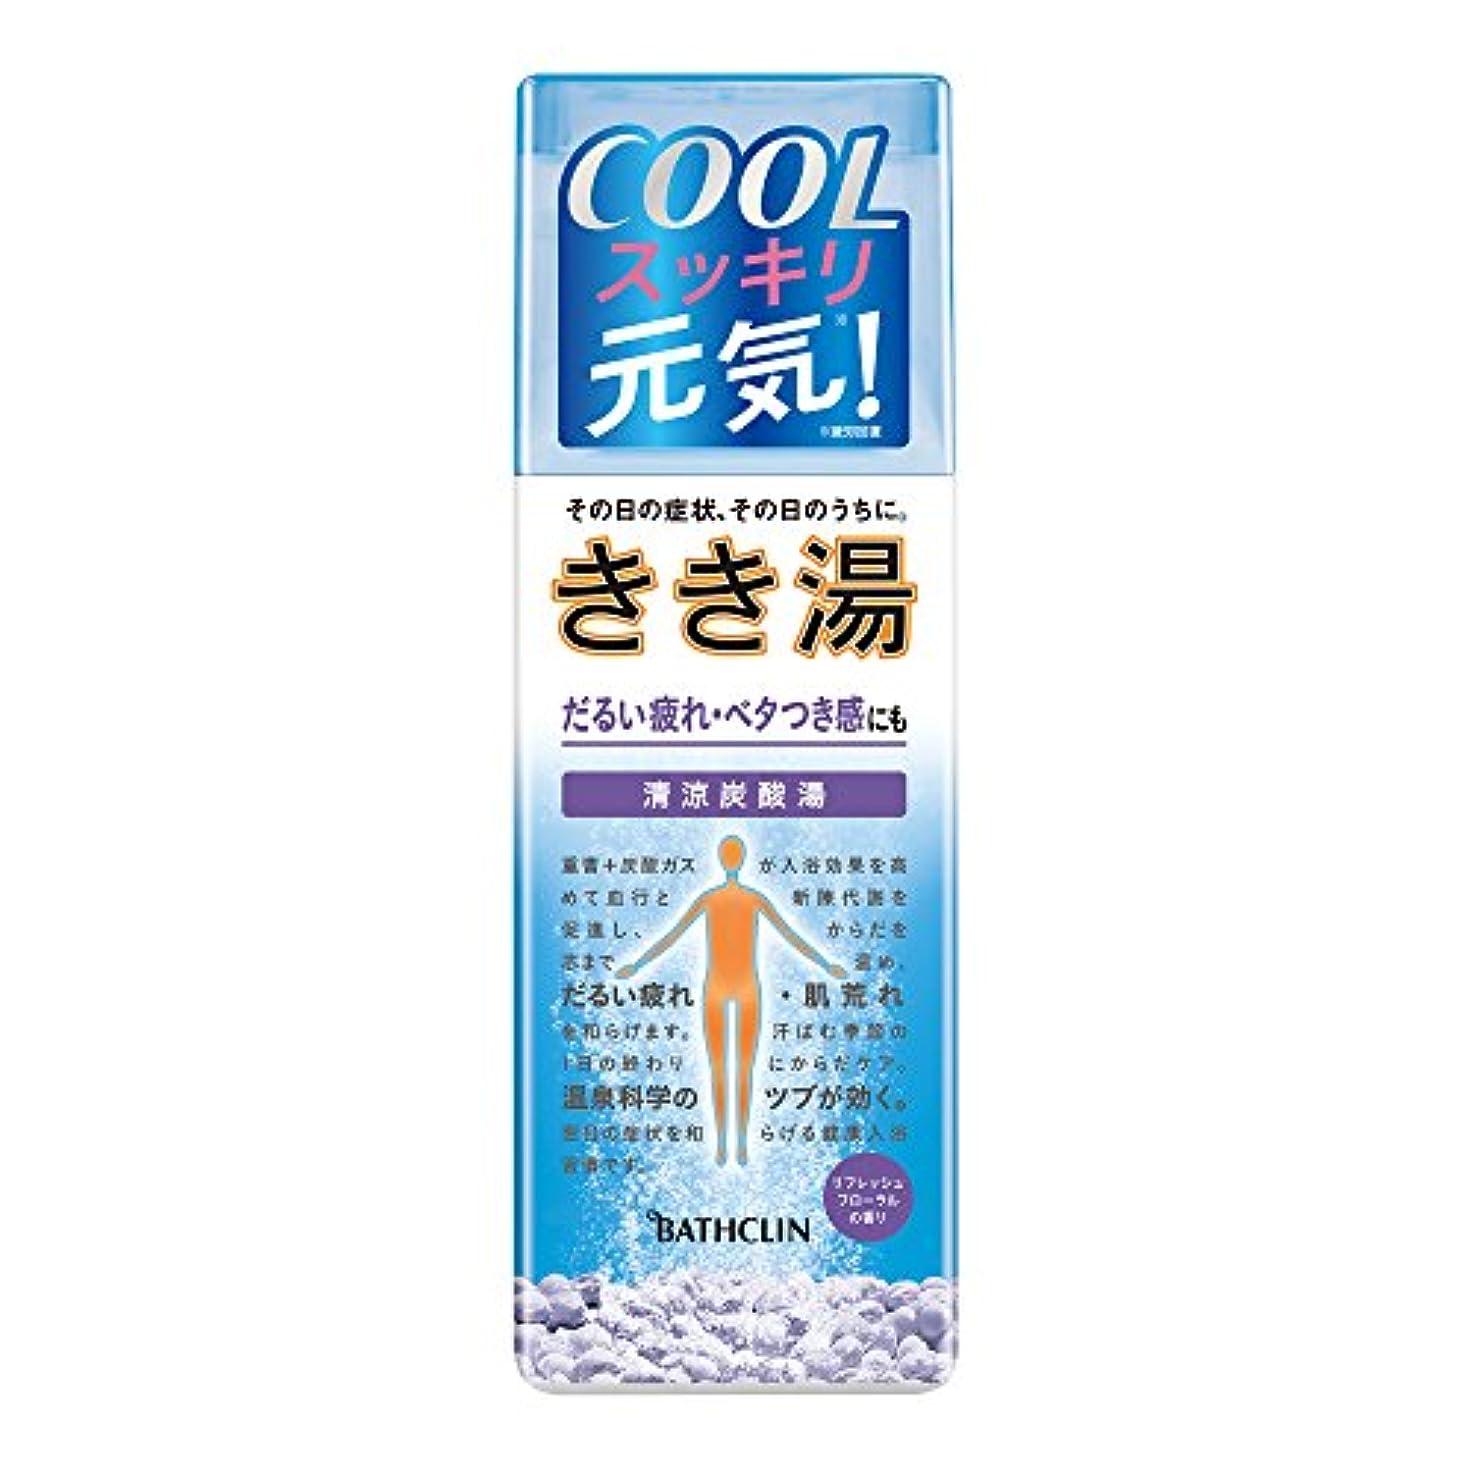 限界乱用西部【医薬部外品】きき湯清涼炭酸湯リフレッシュフローラルの香り 360gマリンブルーの湯透明タイプ 入浴剤